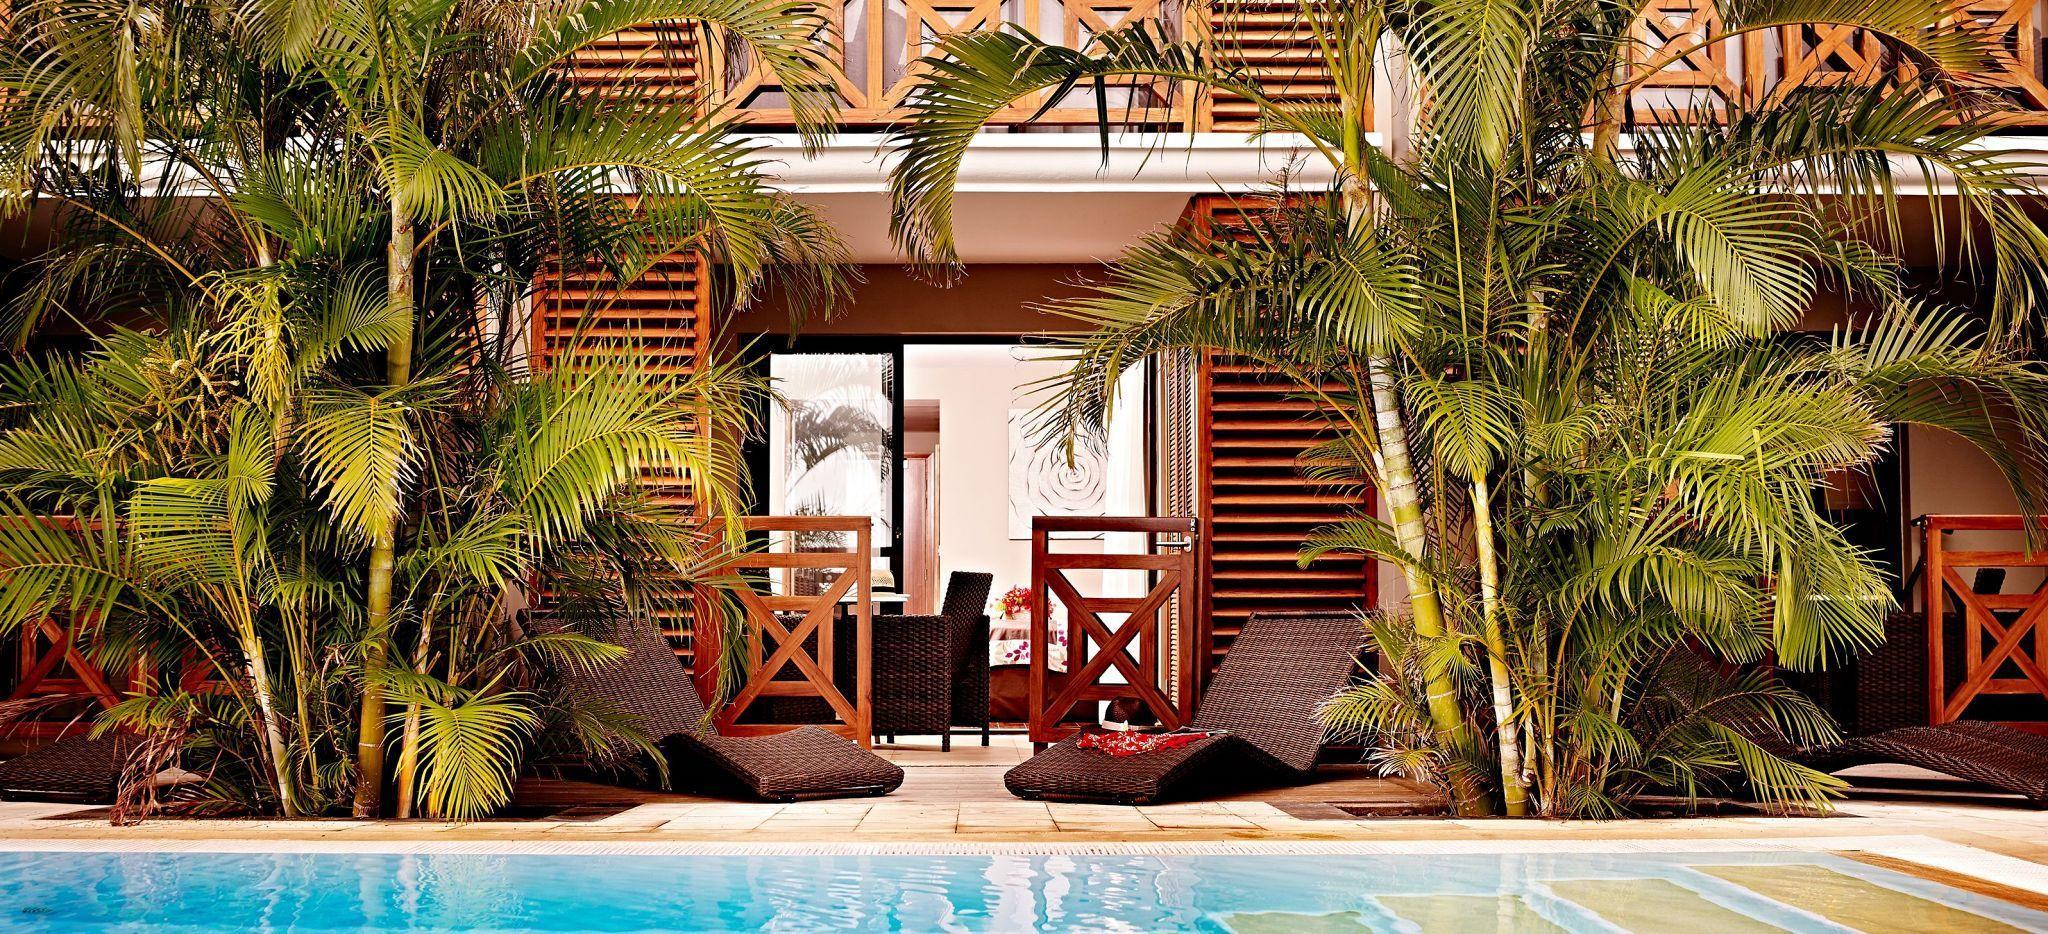 Ein Hotelzimmer direkt an einem Pool